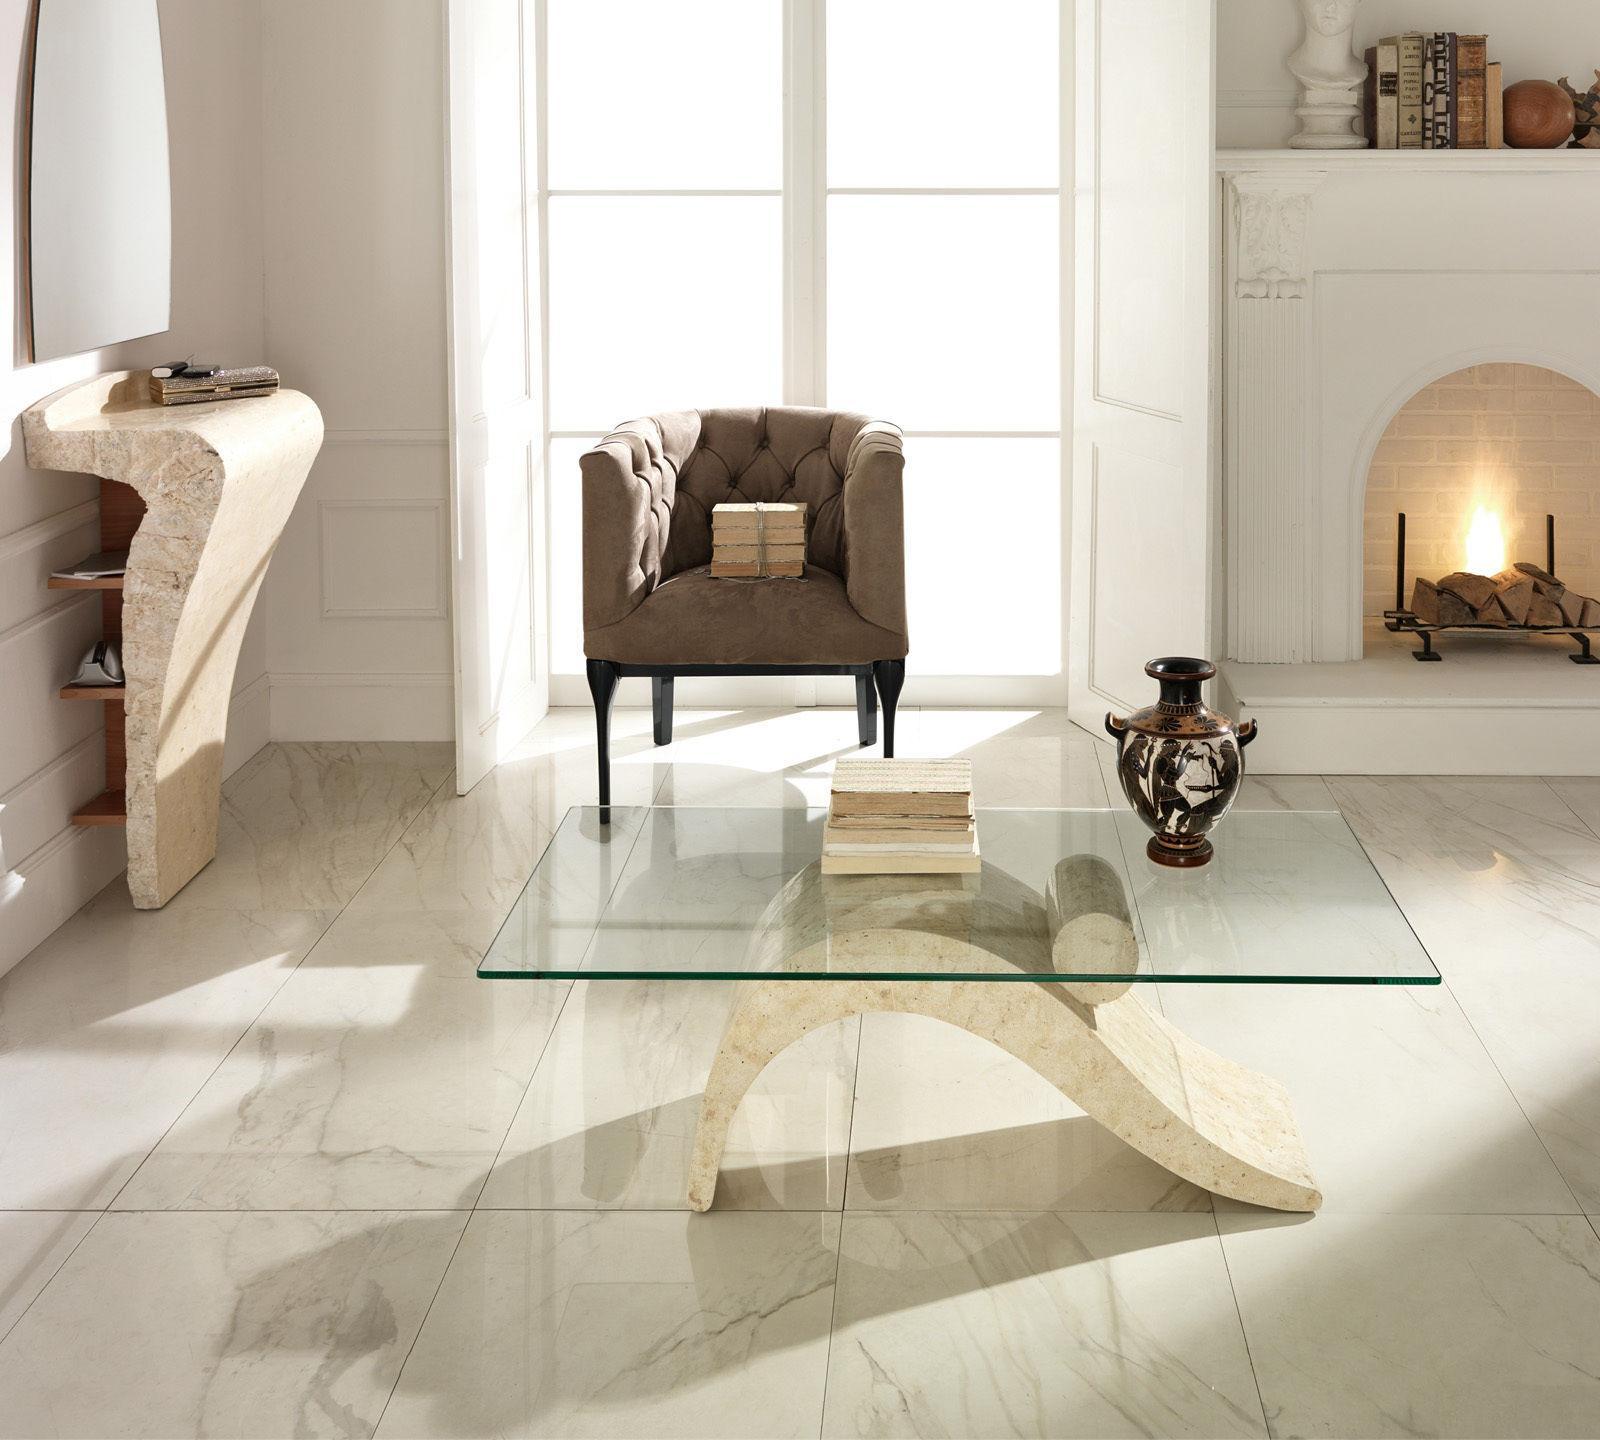 Tavolini Da Salotto Cristallo E Pietra.Tavolino Da Salotto Dove In Pietra Fossilstone E Vetro